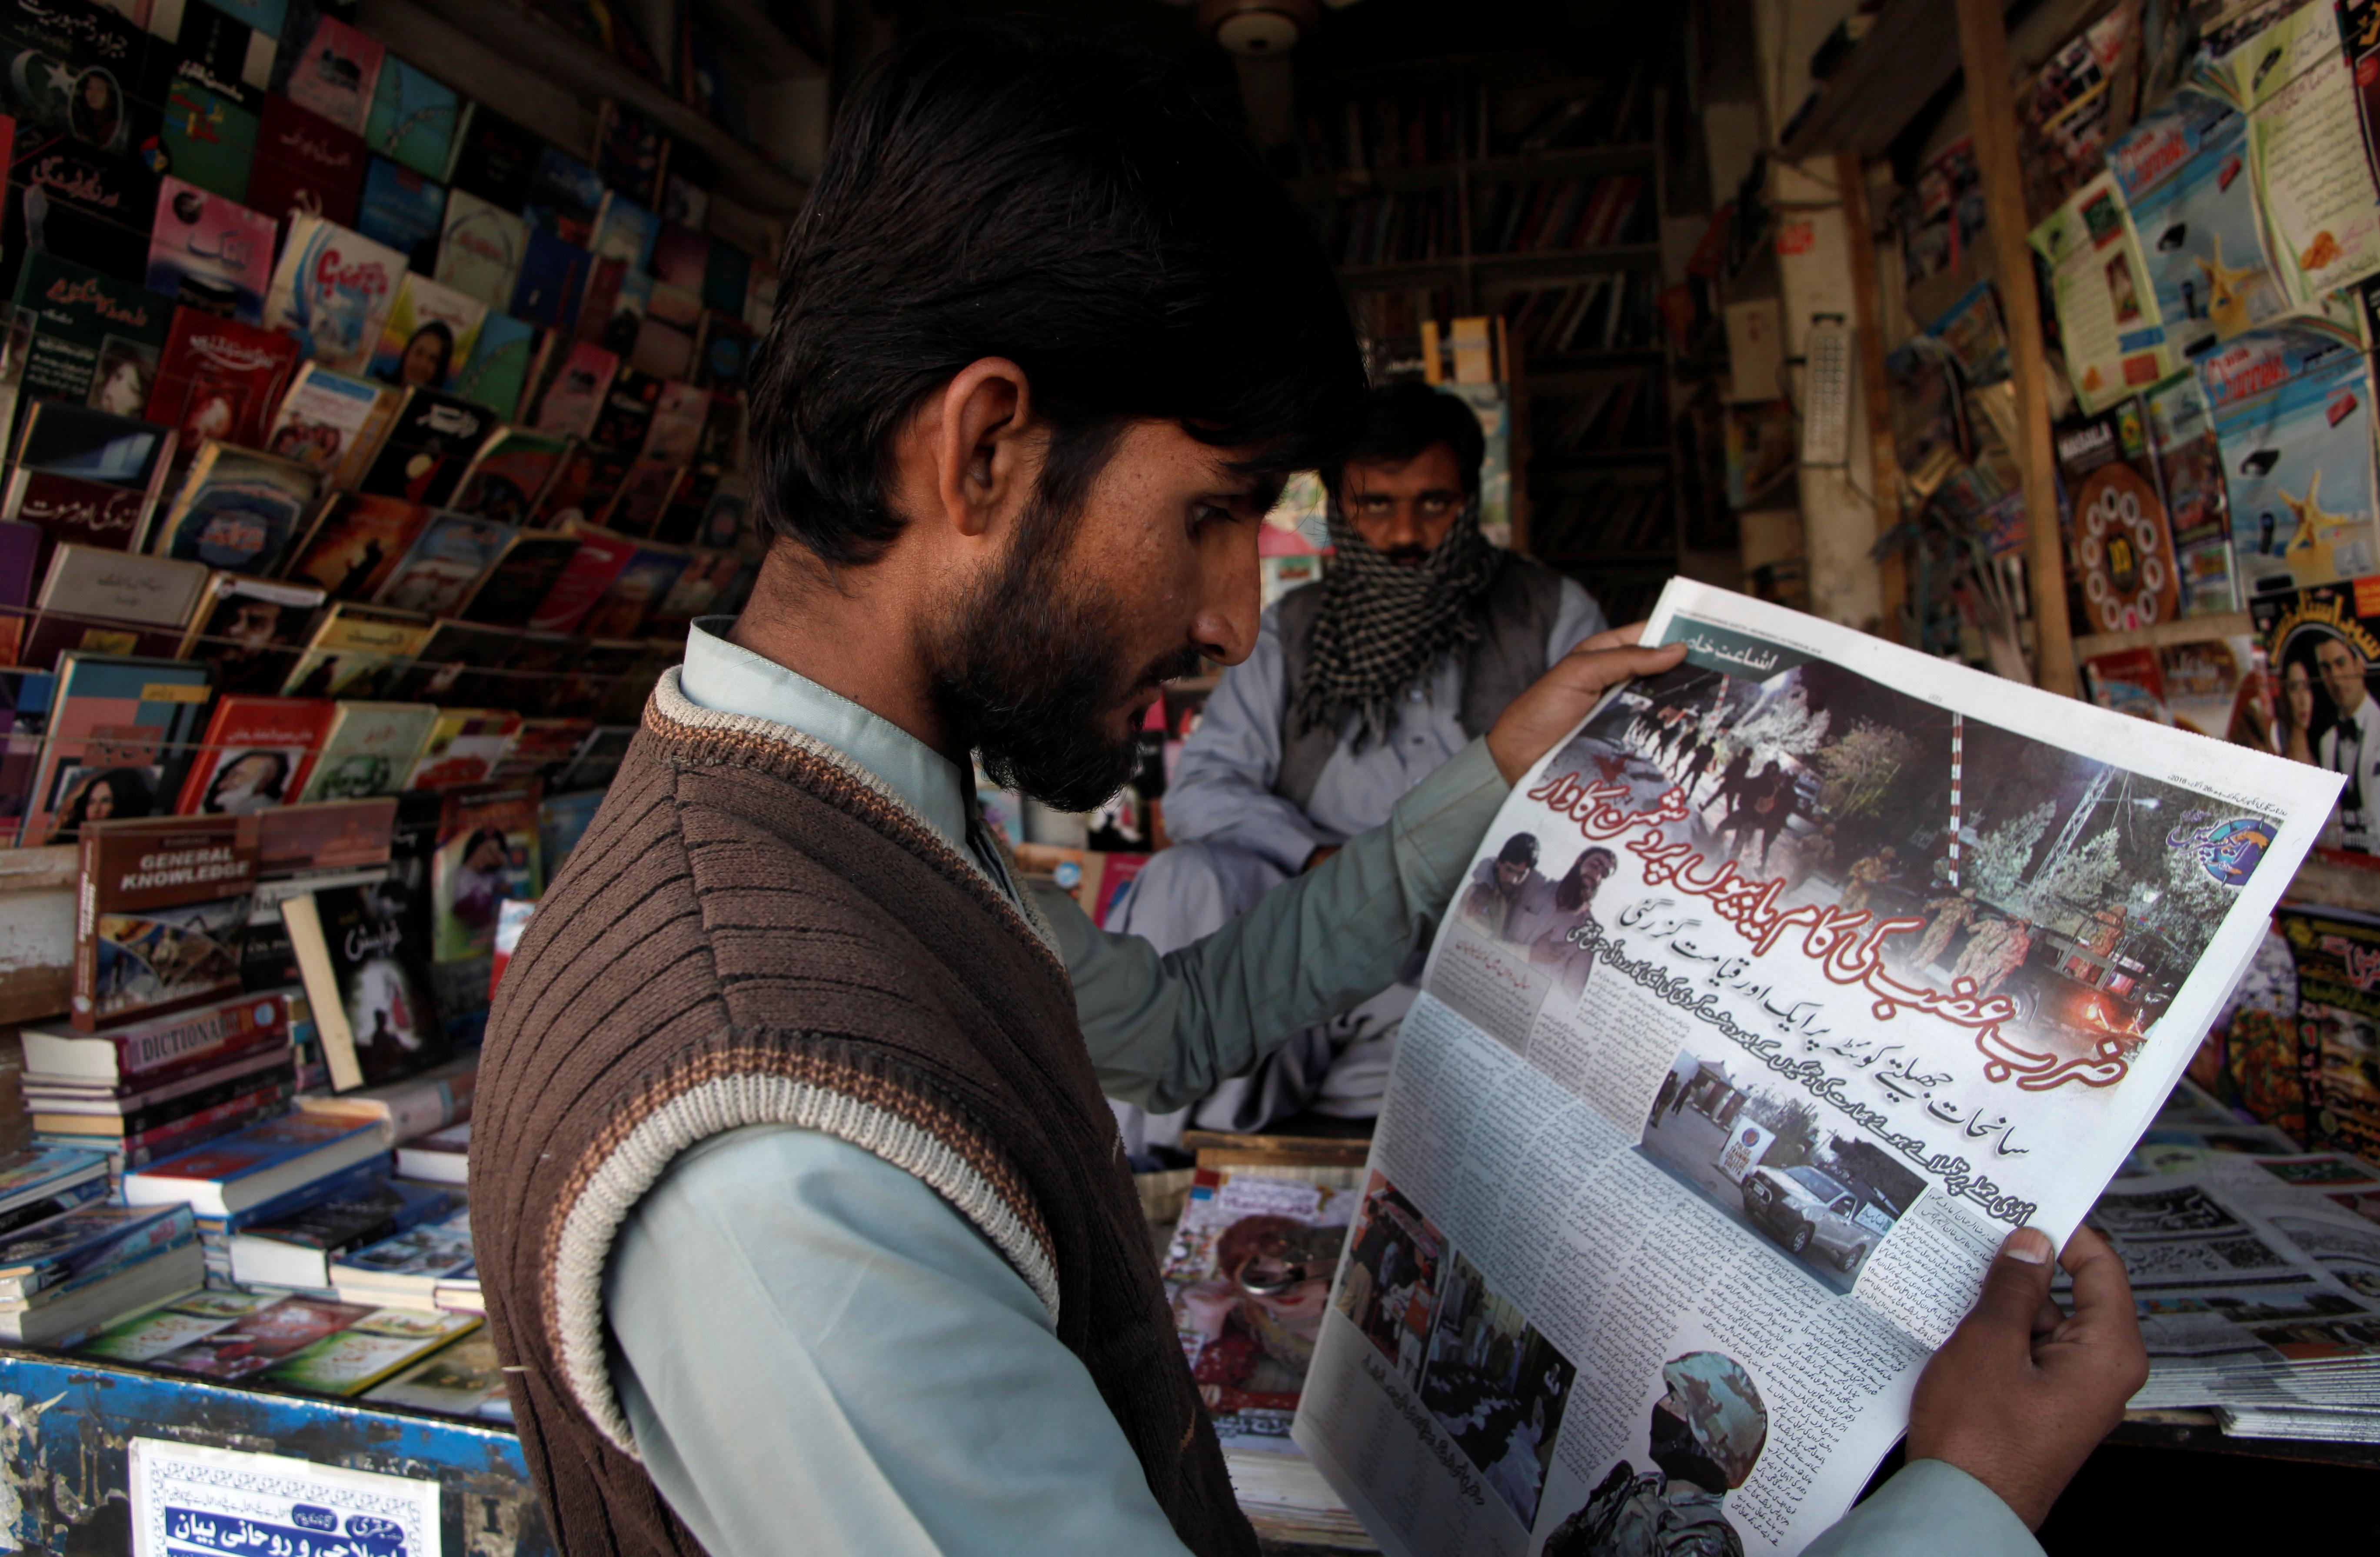 Pakistan's censorship model